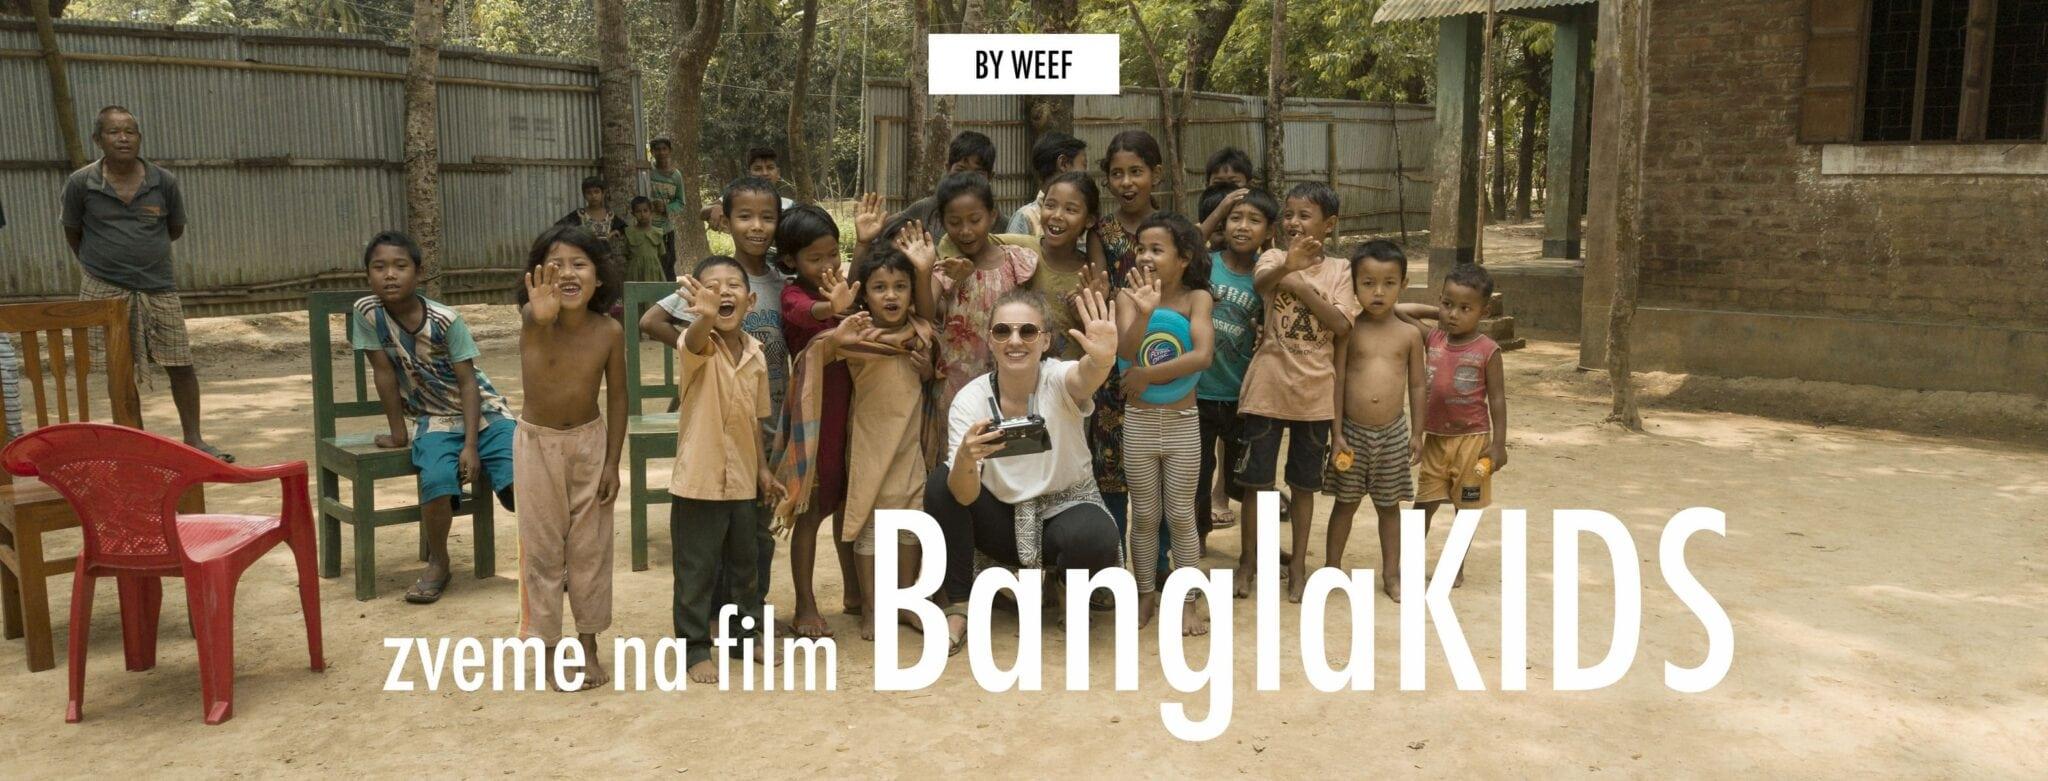 Pozvánka na film Banglakids